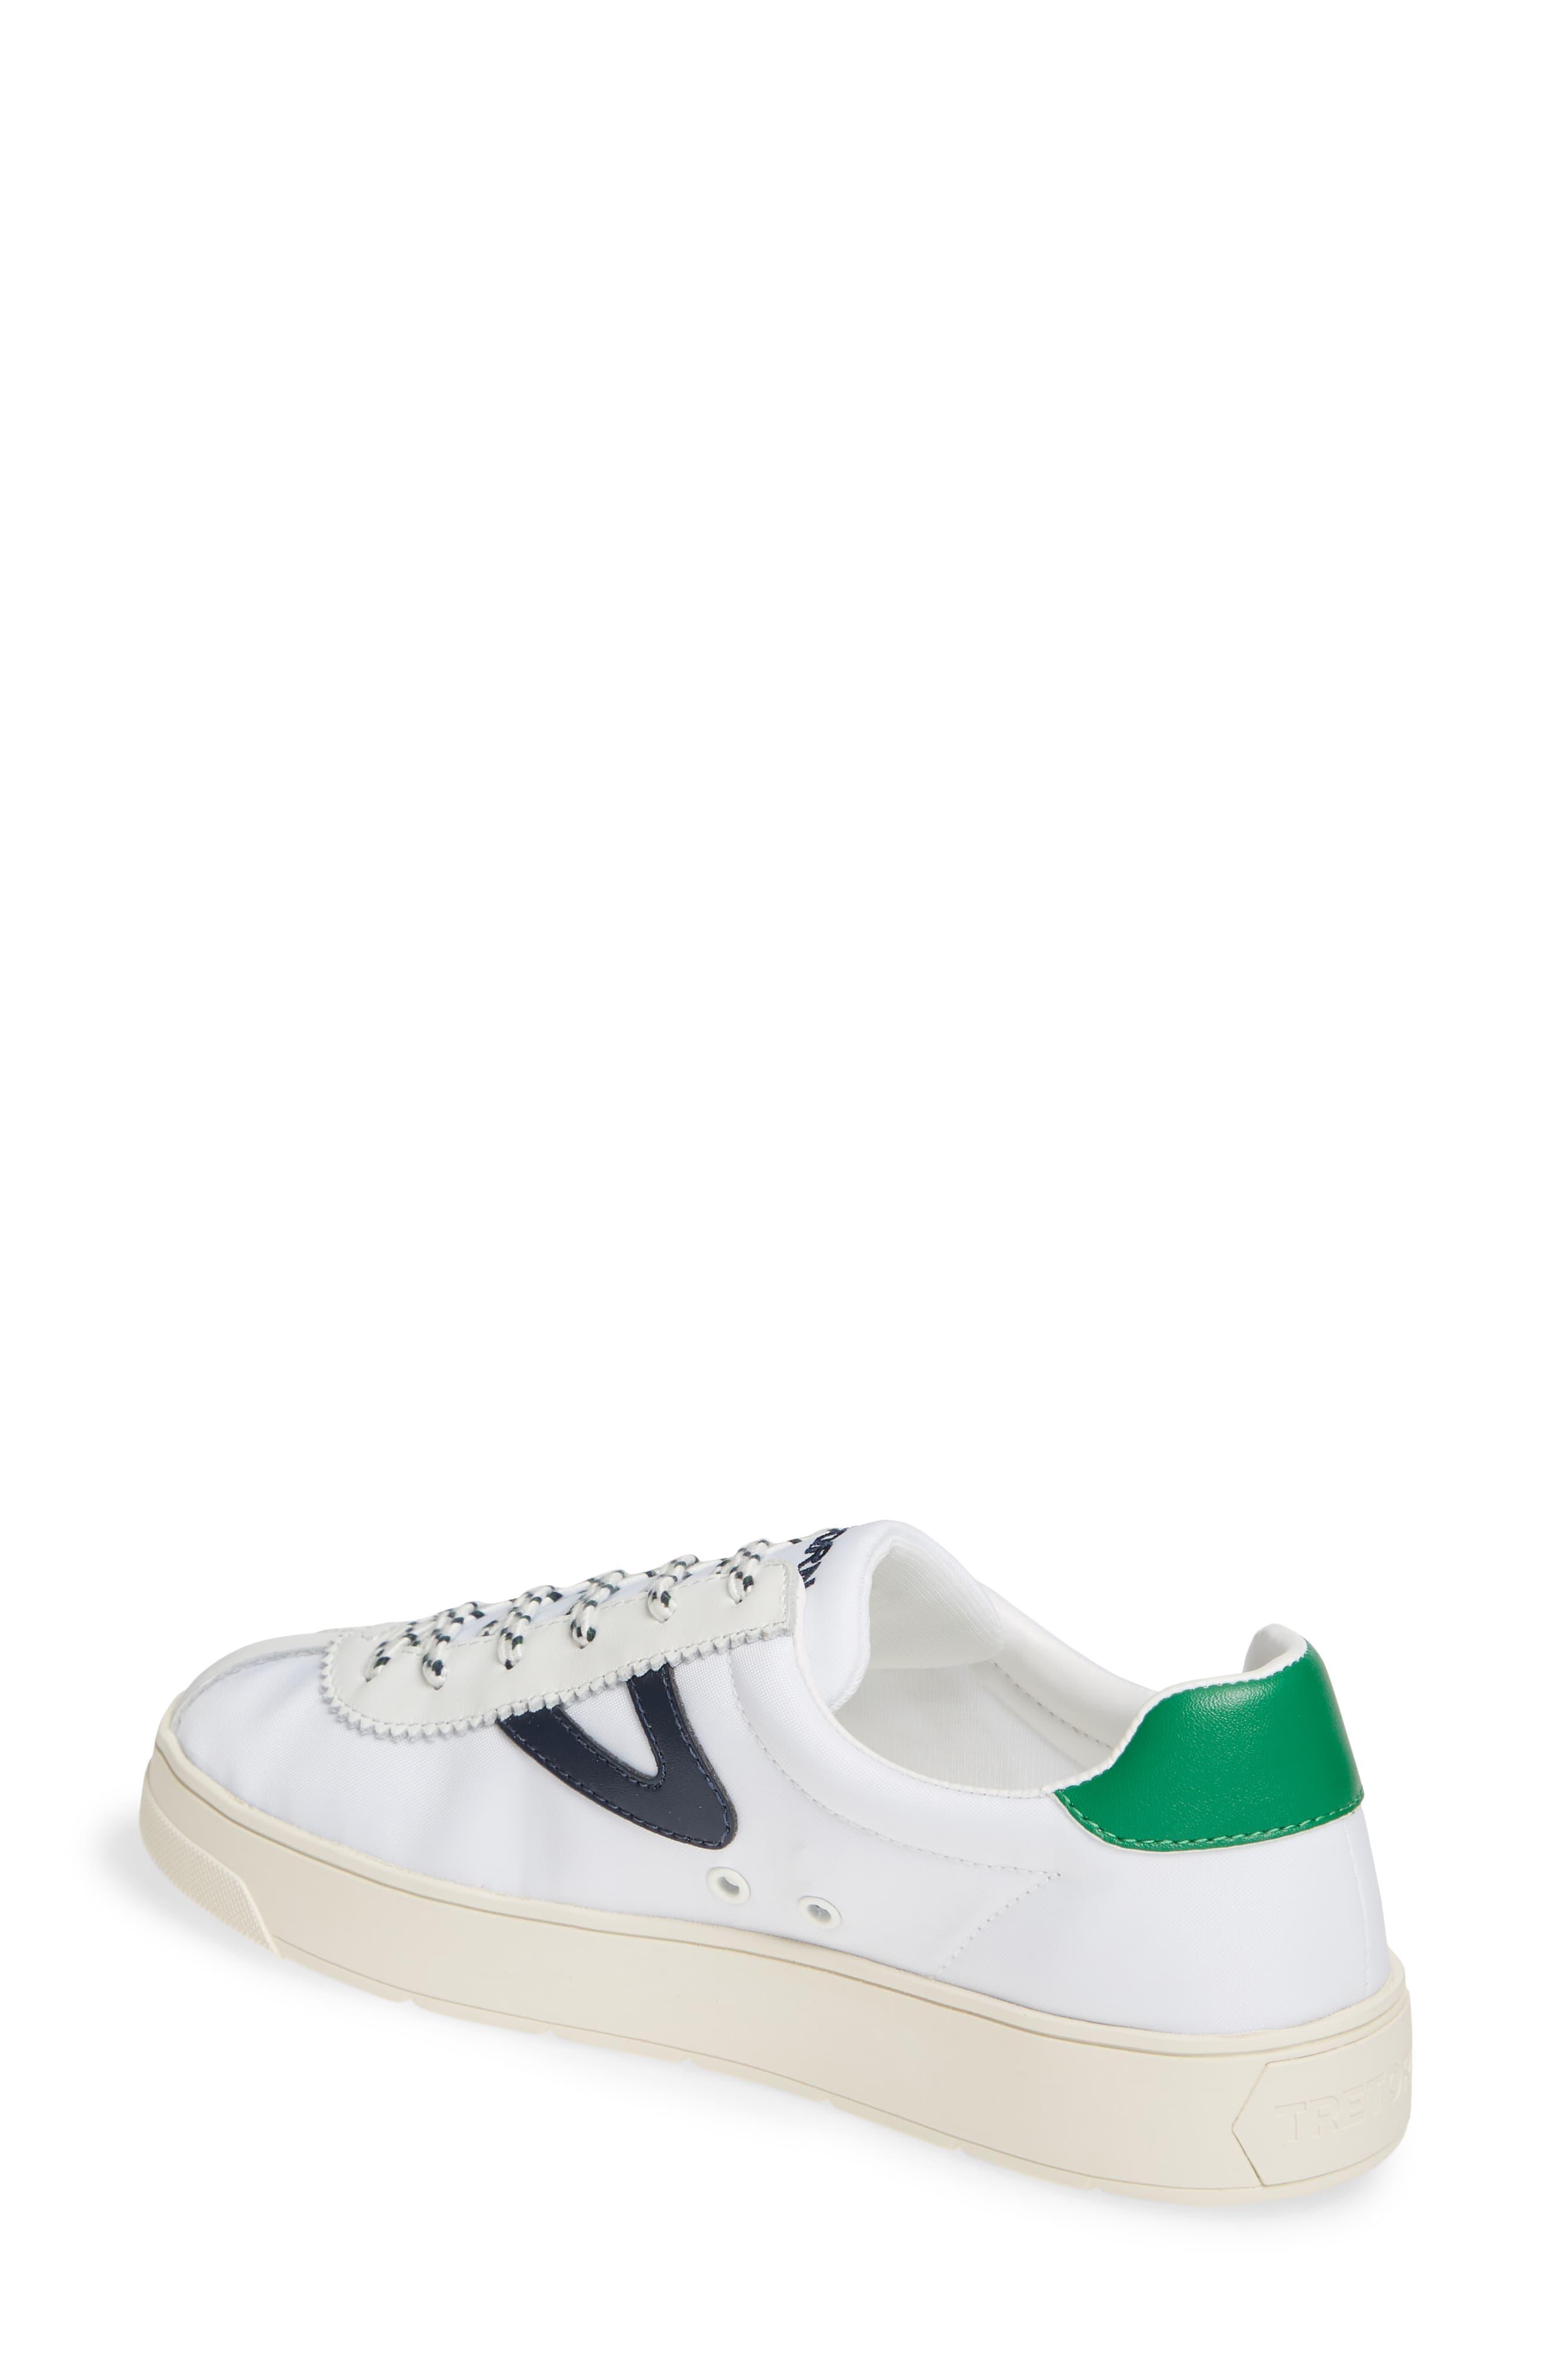 Tretorn Canvas Hayden Low Top Sneaker